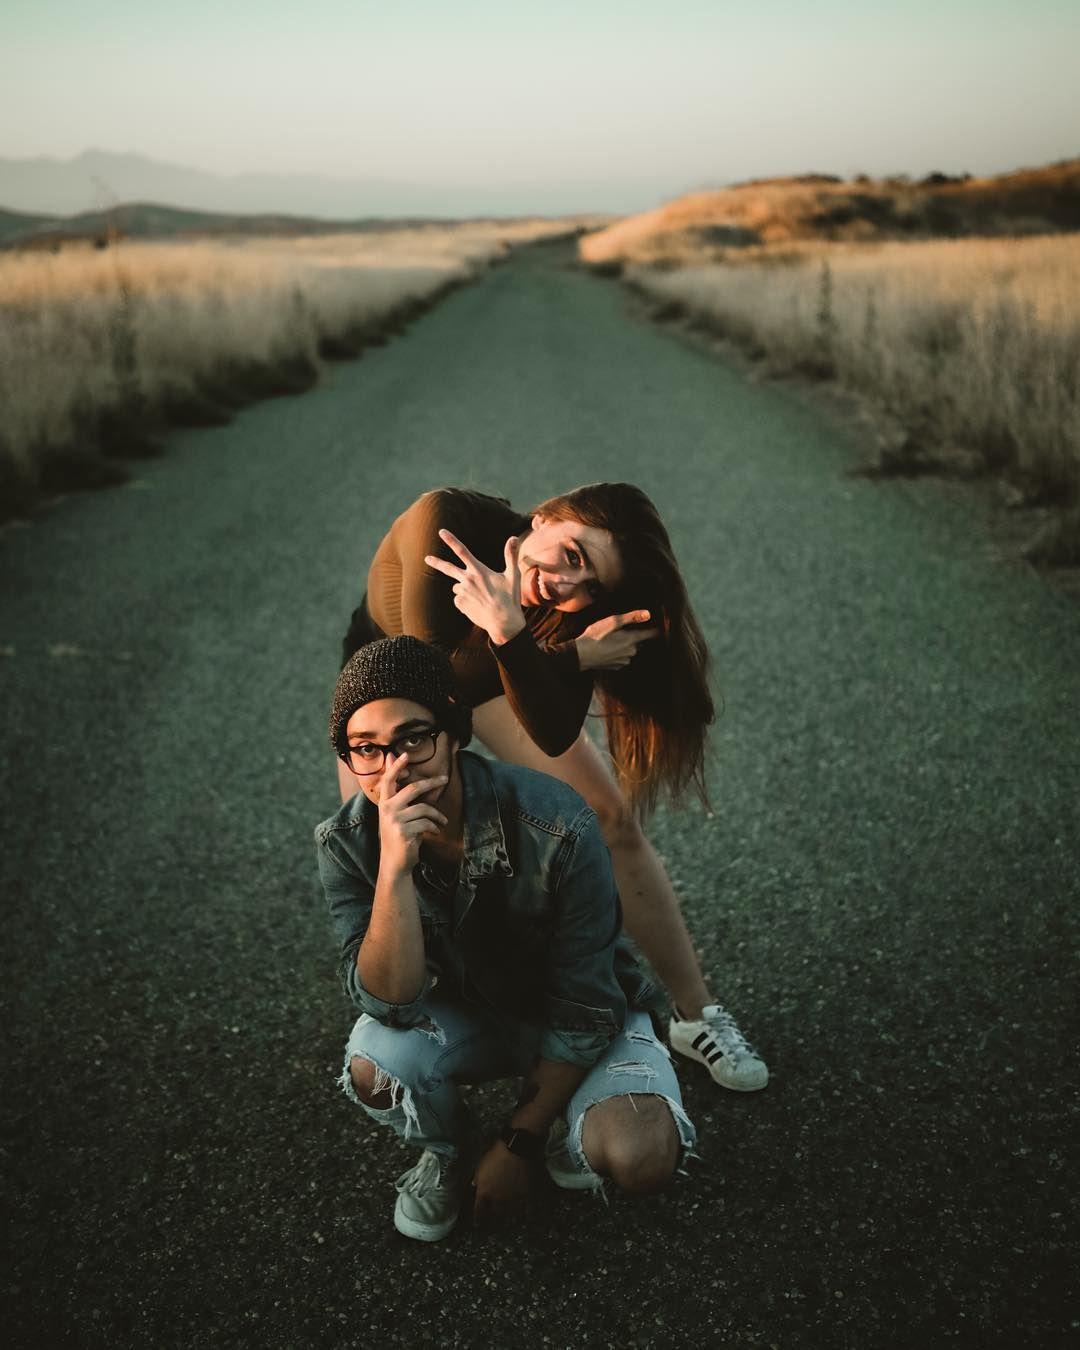 De los mejores amigos que puedan existir perfil Fotos tumbler de amigas Fotos goals de